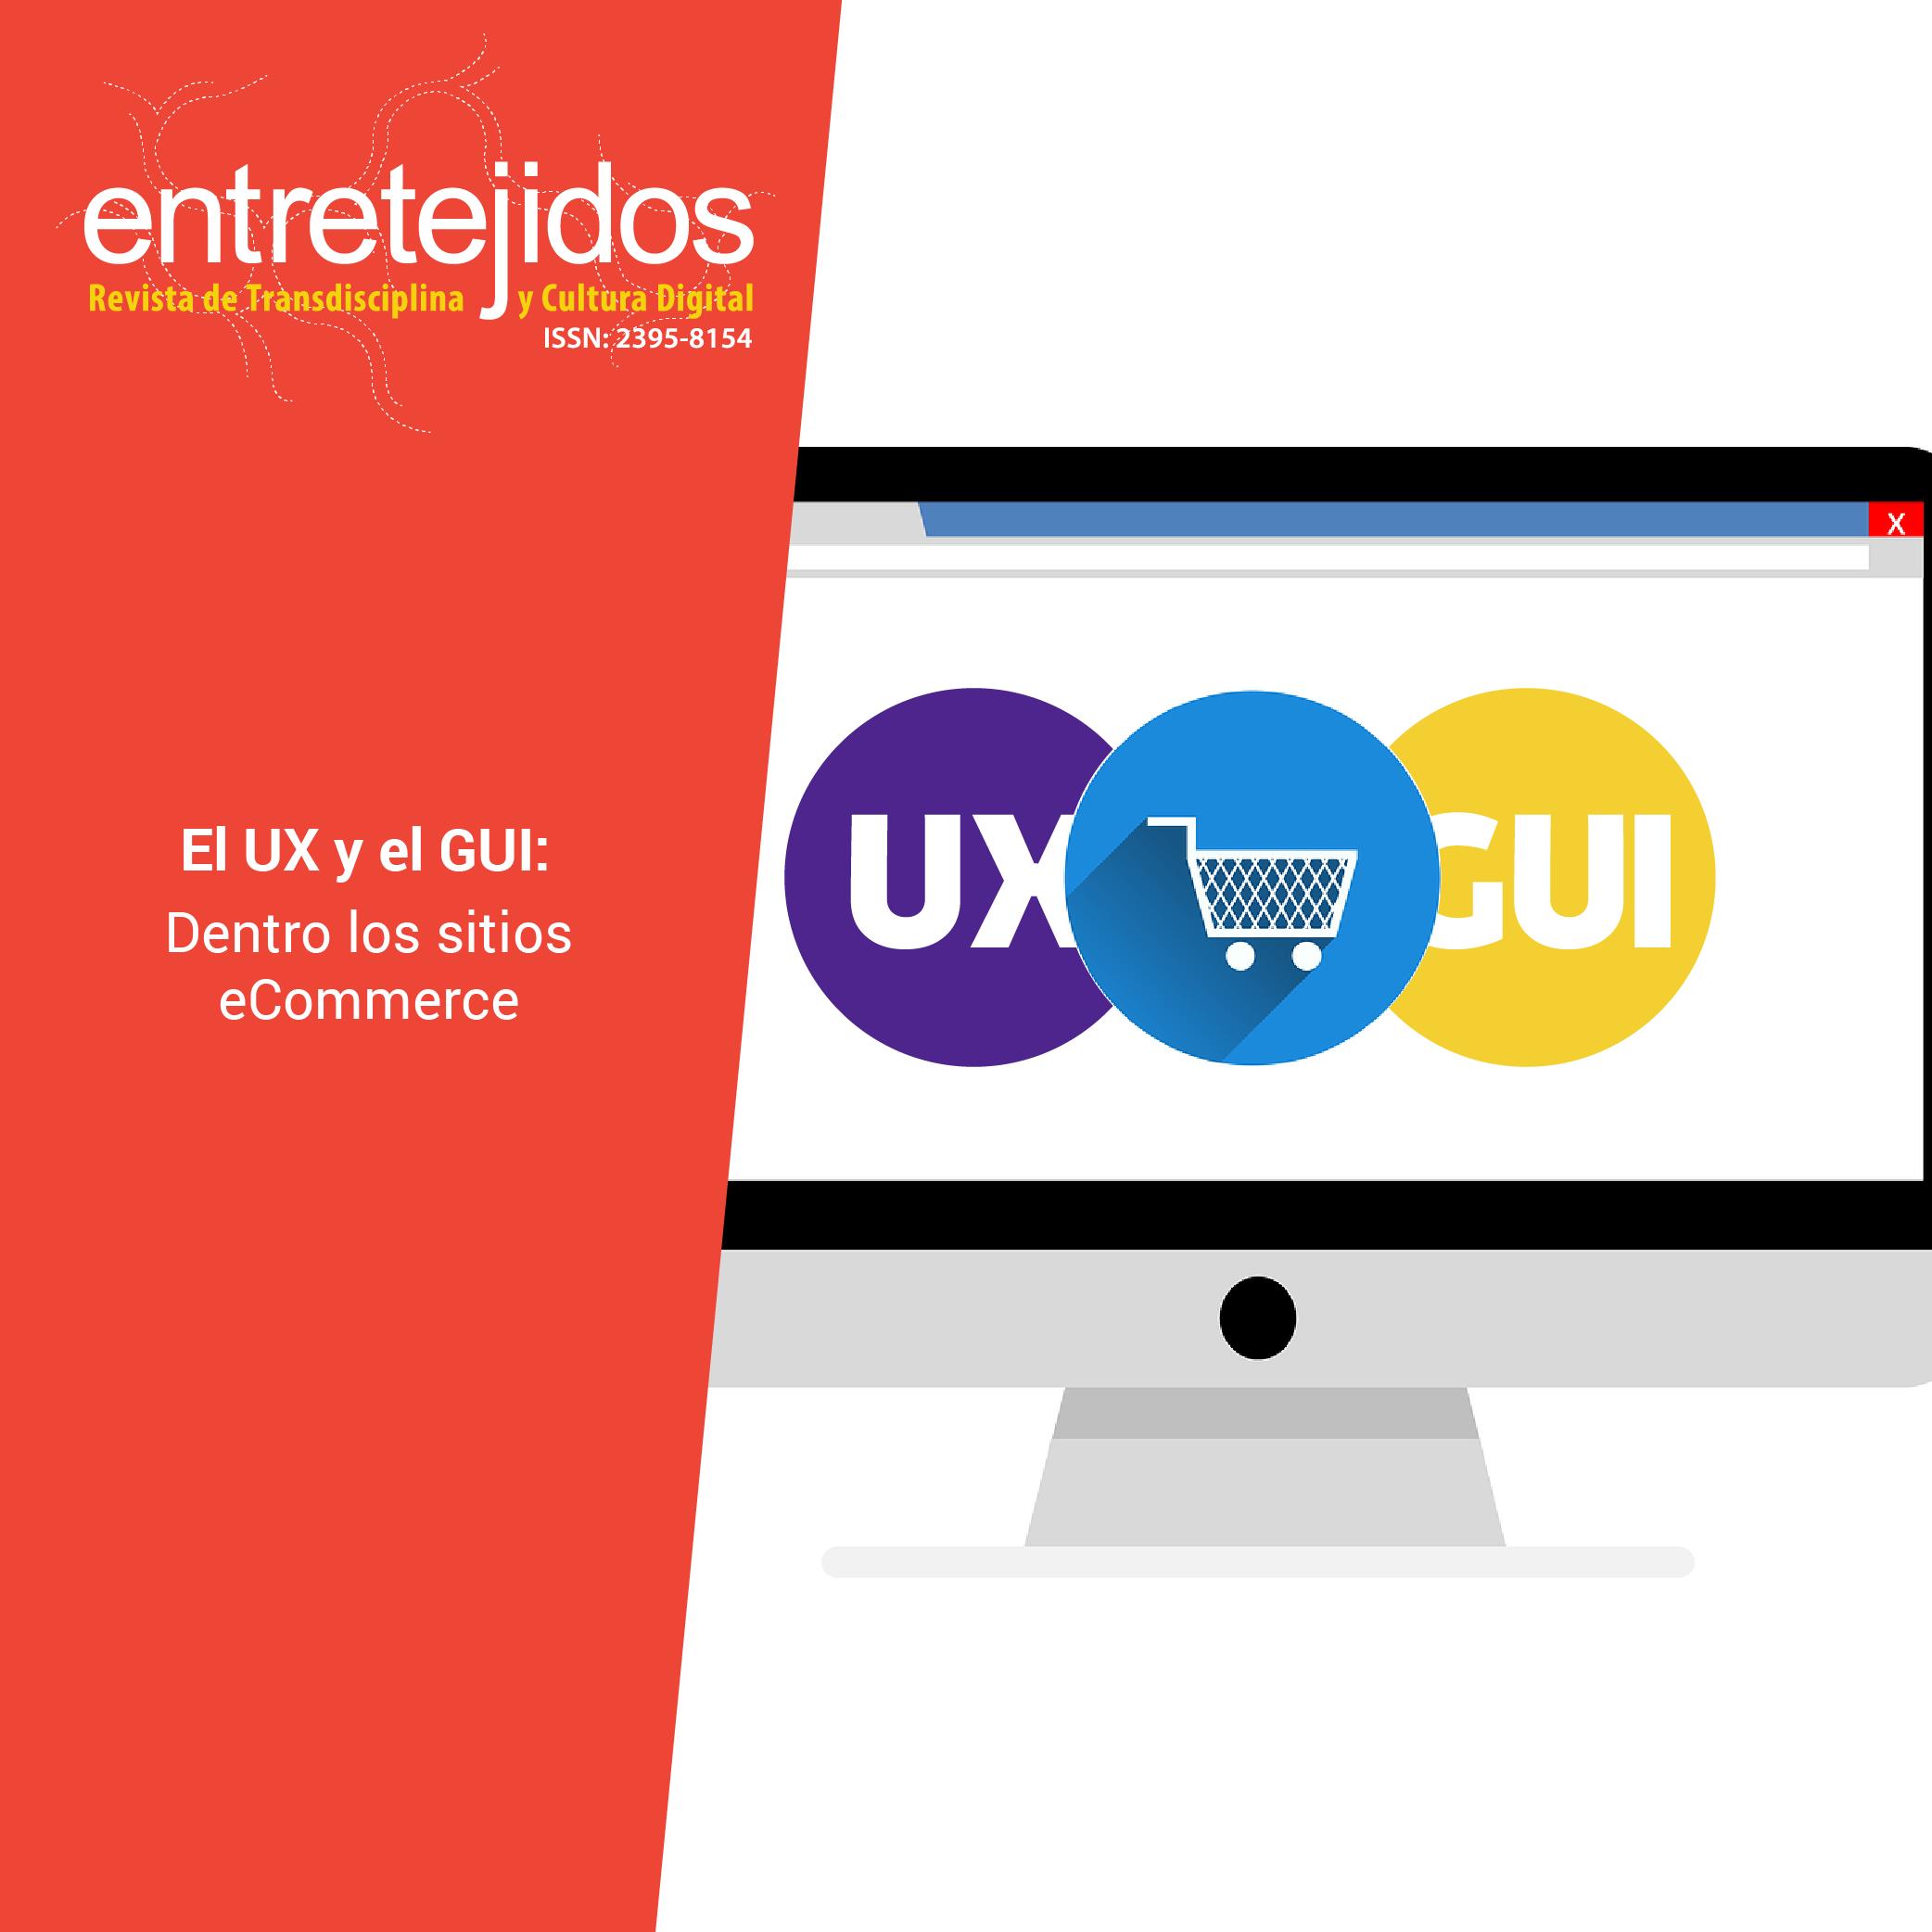 El UX y el GUI dentro de los sitios eCommerce